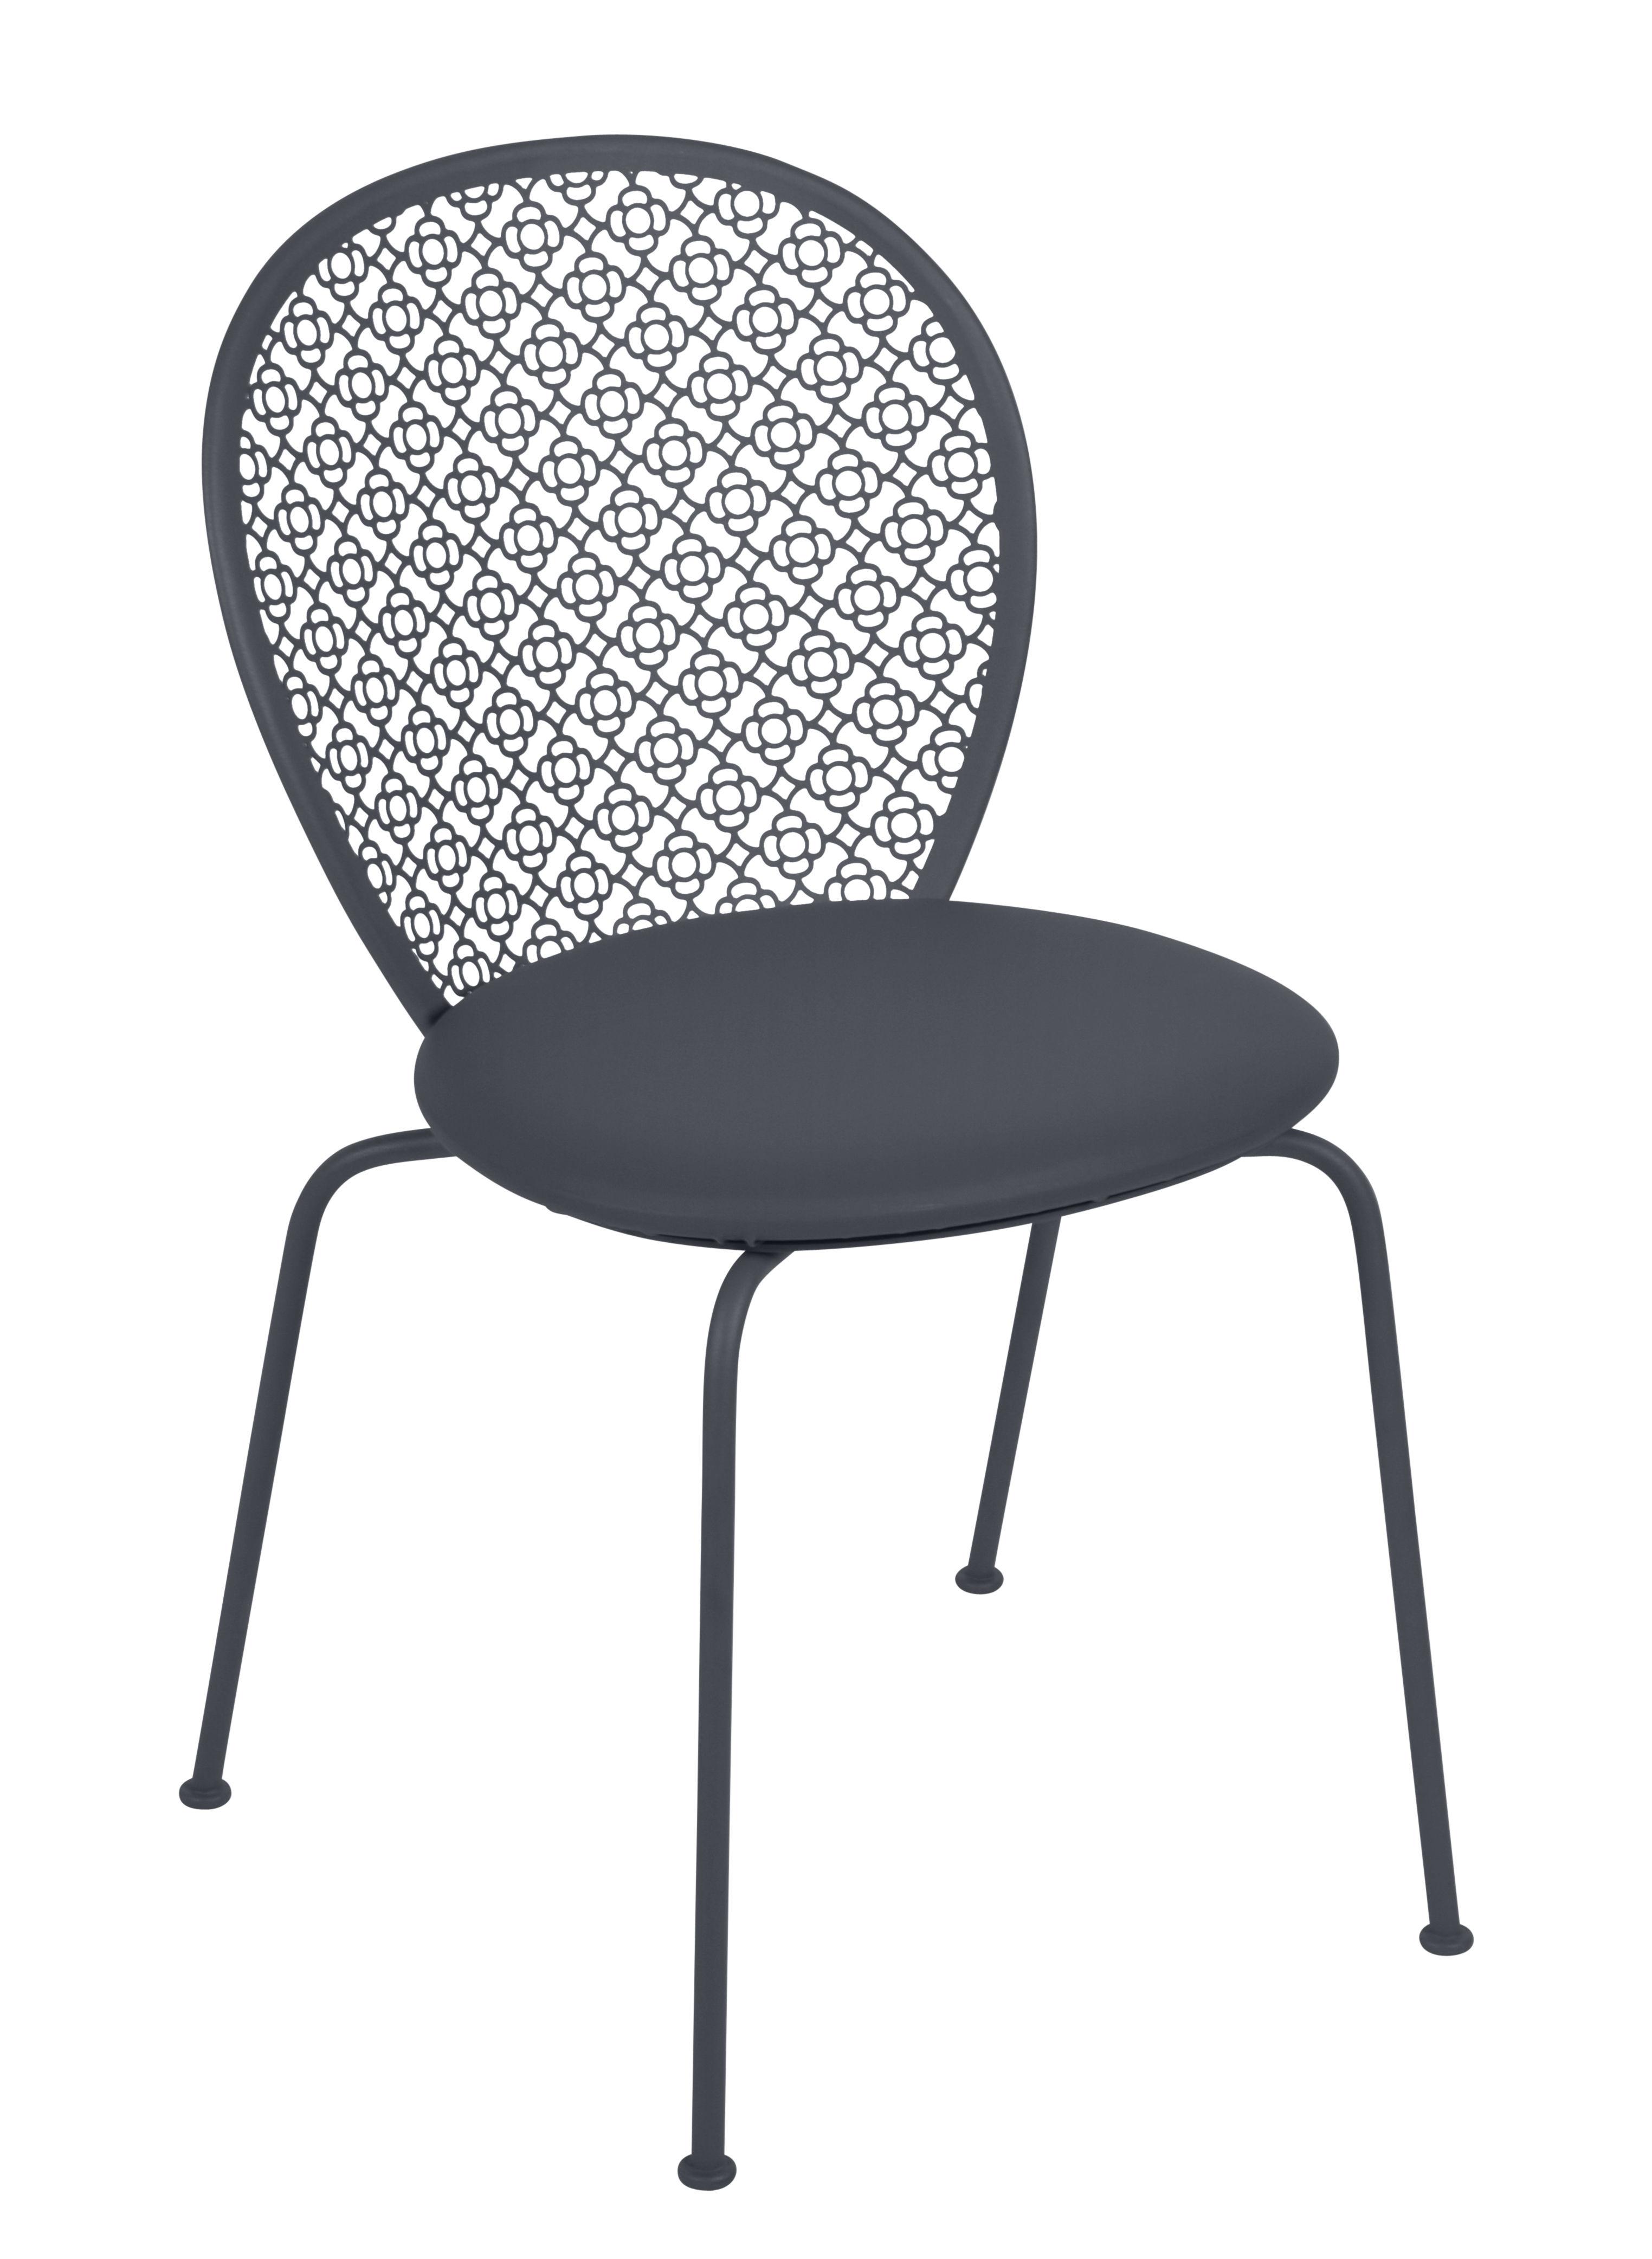 Mobilier - Chaises, fauteuils de salle à manger - Chaise empilable Lorette / Assise rembourrée - Fermob - Carbone - Acier laqué, Mousse polyuréthane, Similicuir Skaï®